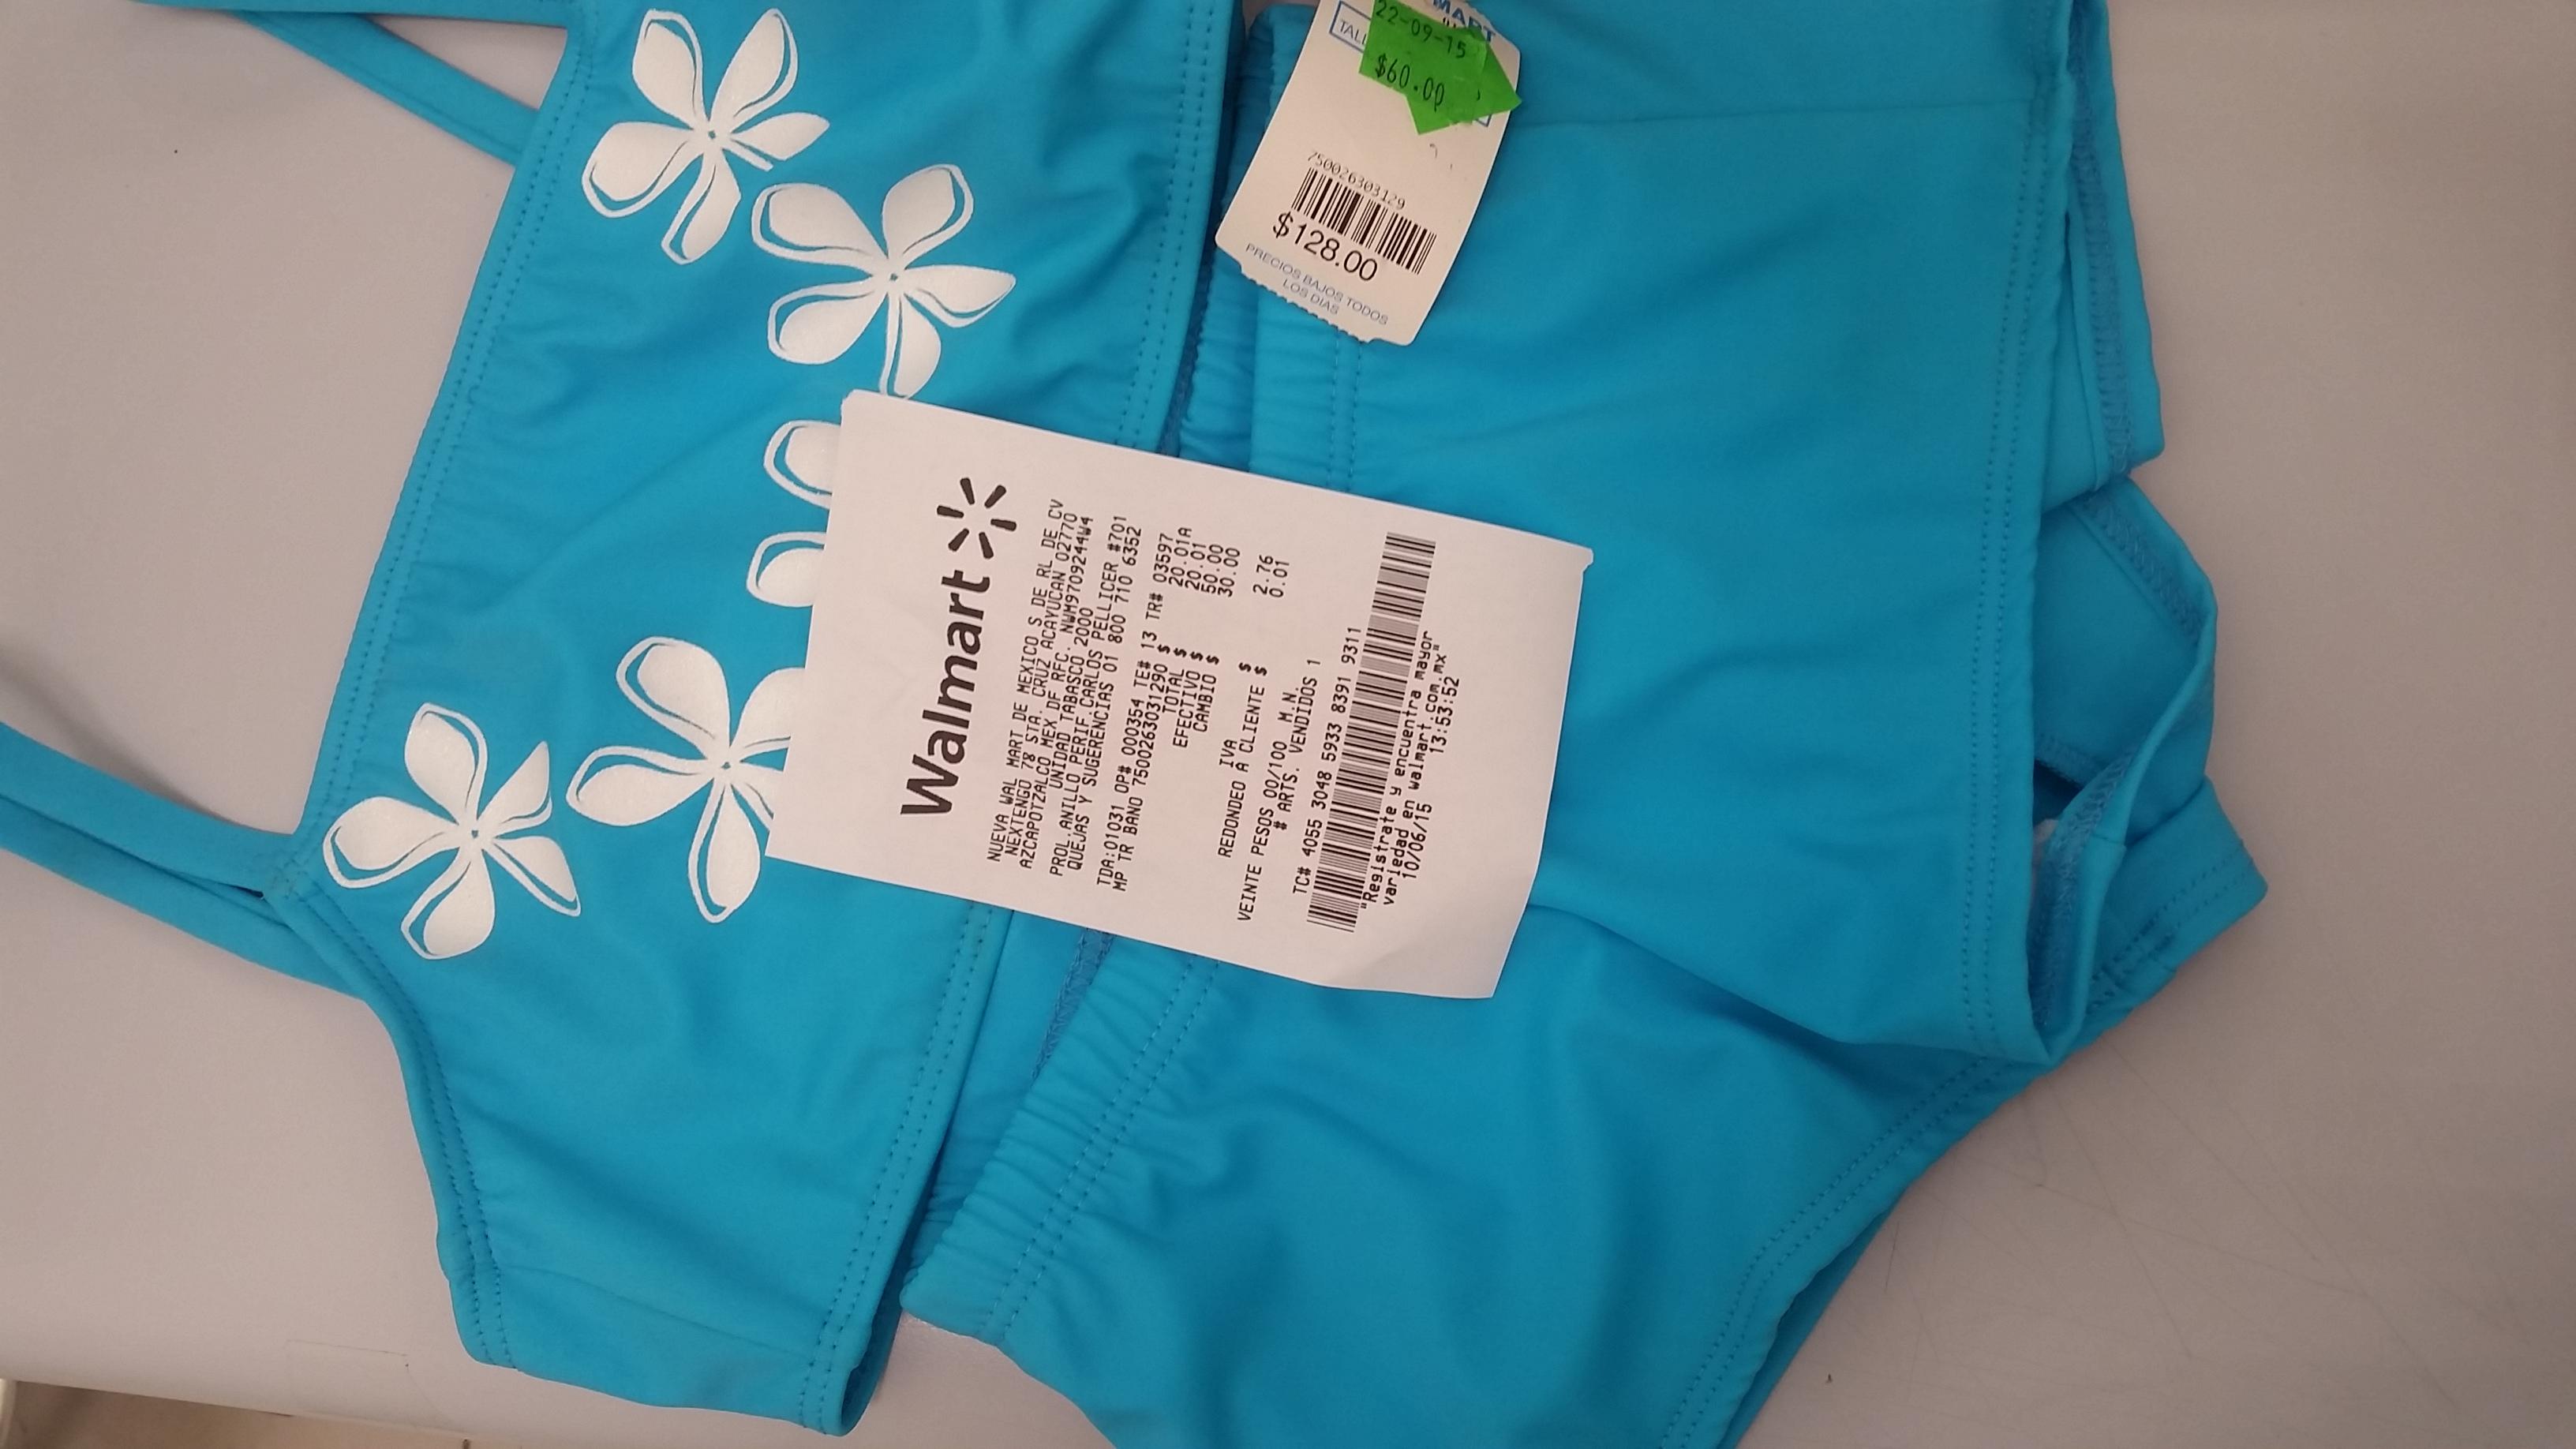 Walmart: traje de baño para niña a $20.01 y toallas para cocina a $1.03